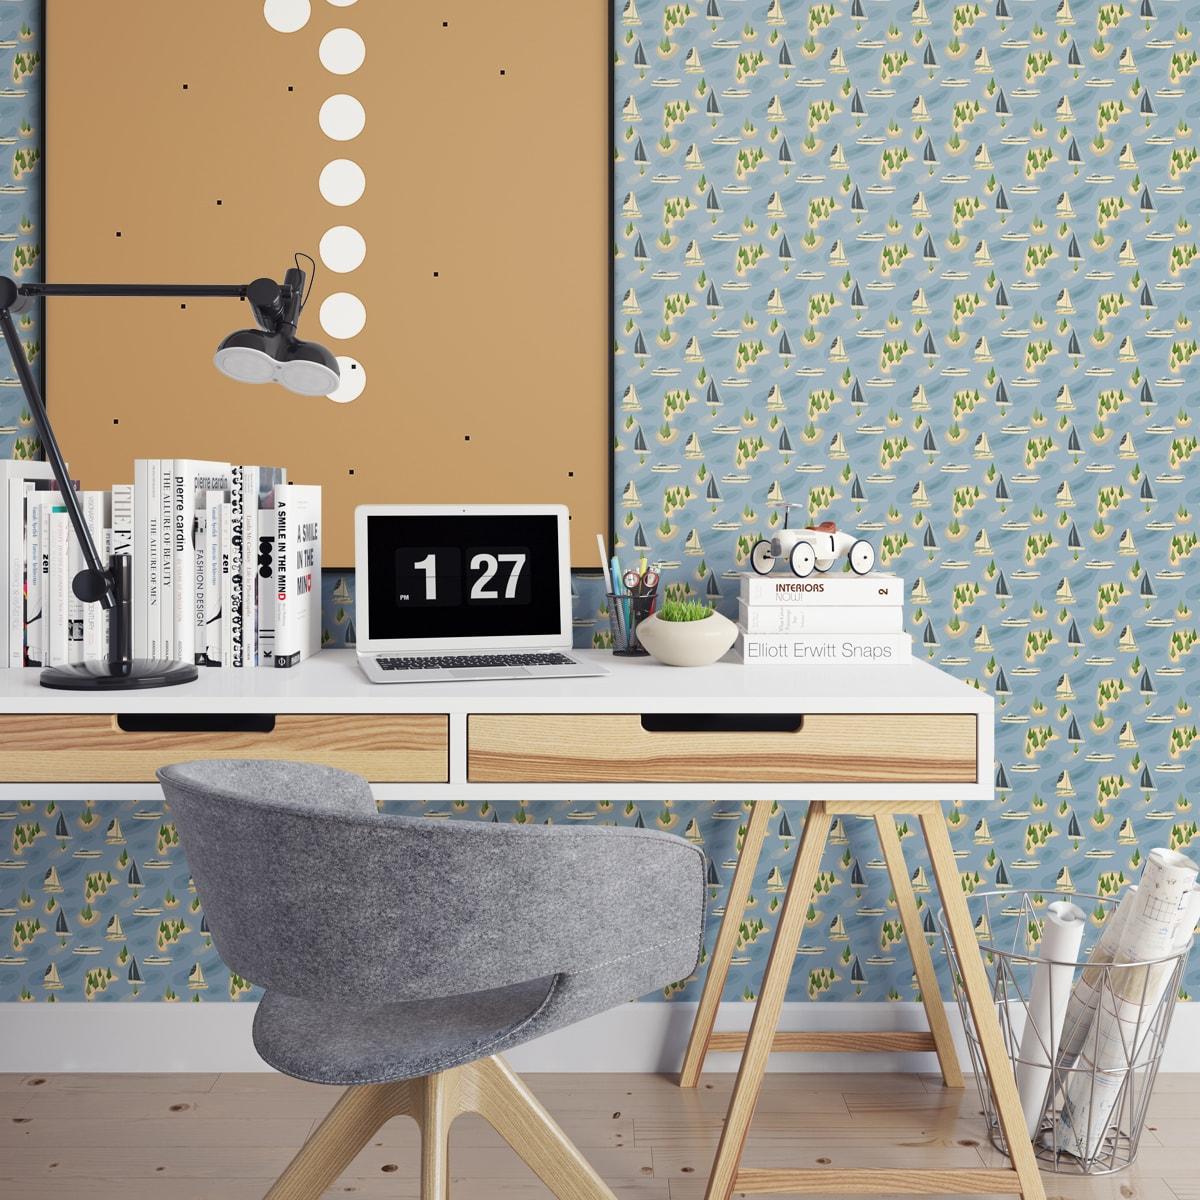 """Schlafzimmer tapezieren in mittelblau: """"Insel Hopping"""" blaue Design Tapete mit Yachten und Segel-Booten für Schlafzimmer"""